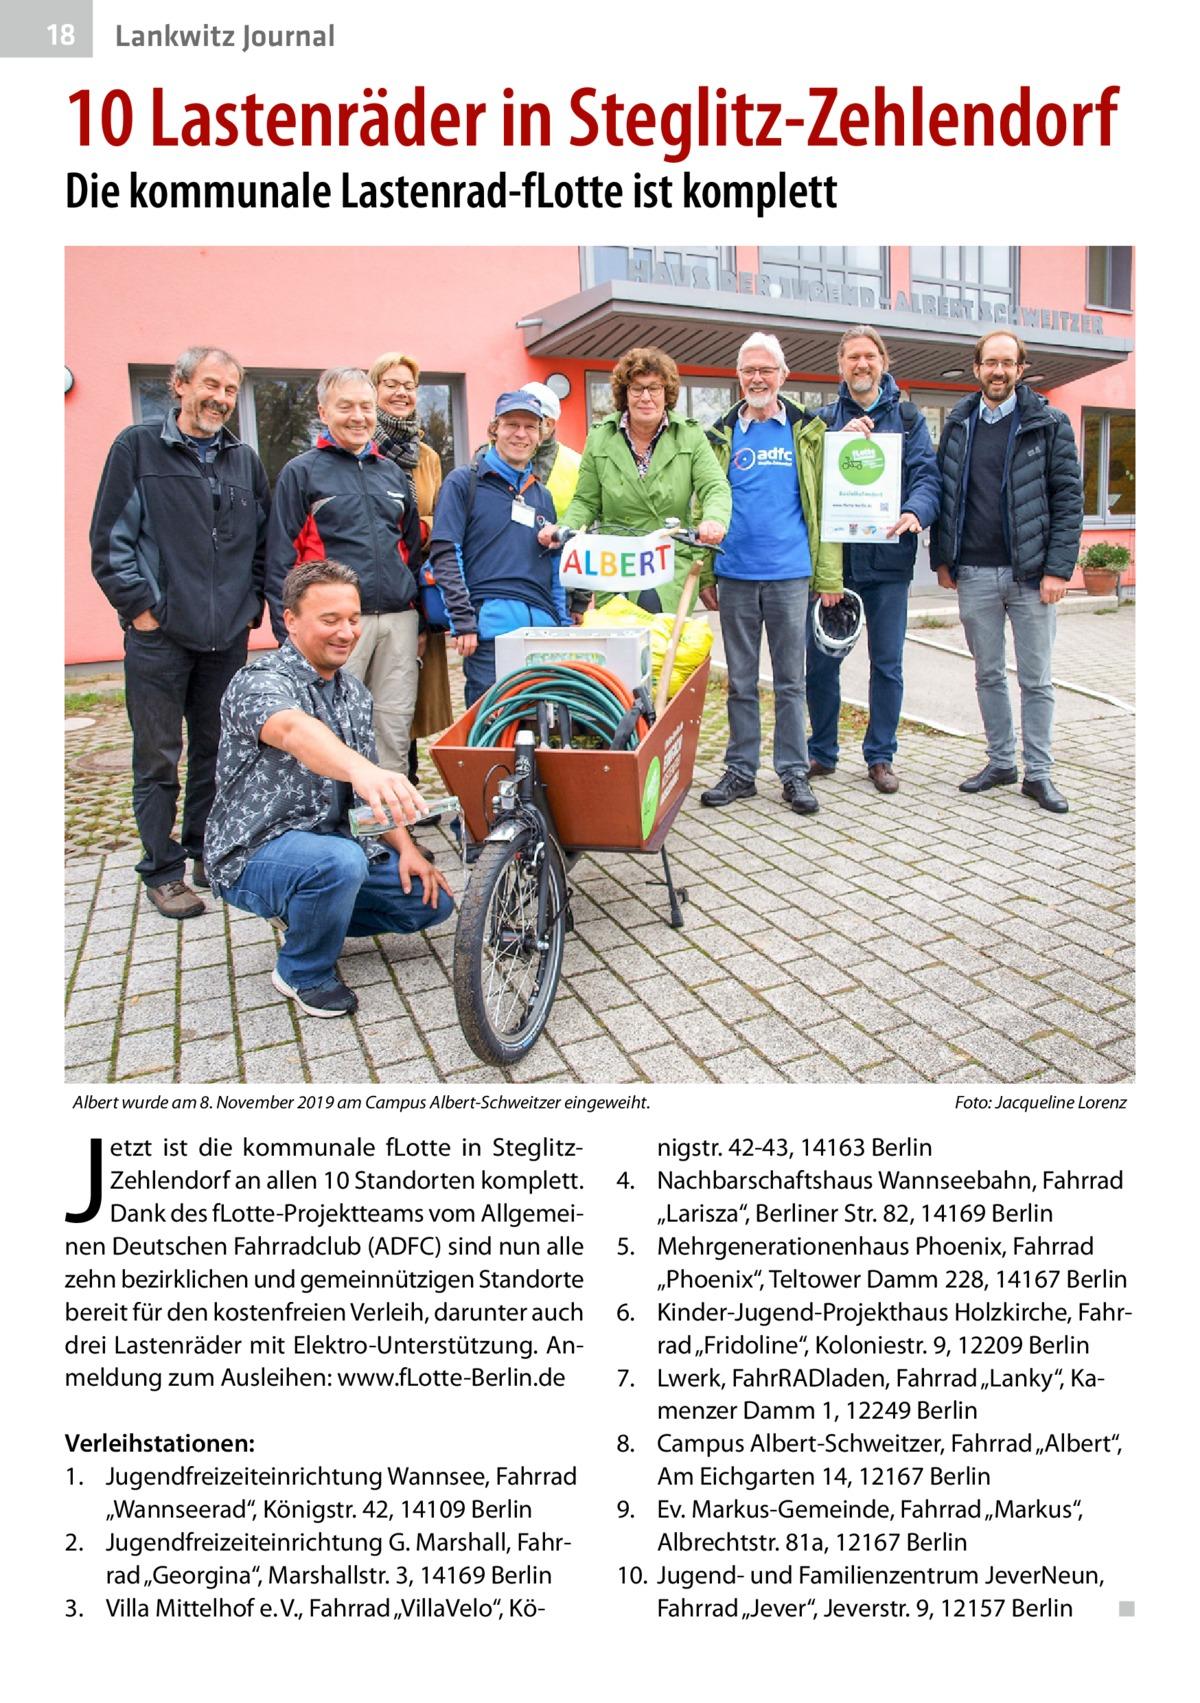 """18  Lankwitz Journal  10 Lastenräder in Steglitz-Zehlendorf Die kommunale Lastenrad-fLotte ist komplett  Albert wurde am 8.November 2019 am Campus Albert-Schweitzer eingeweiht.�  J  etzt ist die kommunale fLotte in SteglitzZehlendorf an allen 10 Standorten komplett. Dank des fLotte-Projektteams vom Allgemeinen Deutschen Fahrradclub (ADFC) sind nun alle zehn bezirklichen und gemeinnützigen Standorte bereit für den kostenfreien Verleih, darunter auch drei Lastenräder mit Elektro-Unterstützung. Anmeldung zum Ausleihen: www.fLotte-Berlin.de  Verleihstationen: 1. Jugendfreizeiteinrichtung Wannsee, Fahrrad """"Wannseerad"""", Königstr.42, 14109Berlin 2. Jugendfreizeiteinrichtung G. Marshall, Fahrrad """"Georgina"""", Marshallstr.3, 14169Berlin 3. Villa Mittelhof e.V., Fahrrad """"VillaVelo"""", Kö Foto: Jacqueline Lorenz  nigstr.42-43, 14163Berlin 4. Nachbarschaftshaus Wannseebahn, Fahrrad """"Larisza"""", Berliner Str.82, 14169Berlin 5. Mehrgenerationenhaus Phoenix, Fahrrad """"Phoenix"""", Teltower Damm228, 14167Berlin 6. Kinder-Jugend-Projekthaus Holzkirche, Fahrrad """"Fridoline"""", Koloniestr.9, 12209Berlin 7. Lwerk, FahrRADladen, Fahrrad """"Lanky"""", Kamenzer Damm1, 12249Berlin 8. Campus Albert-Schweitzer, Fahrrad """"Albert"""", Am Eichgarten 14, 12167Berlin 9. Ev. Markus-Gemeinde, Fahrrad """"Markus"""", Albrechtstr.81a, 12167Berlin 10. Jugend- und Familienzentrum JeverNeun, Fahrrad """"Jever"""", Jeverstr.9, 12157Berlin � ◾"""